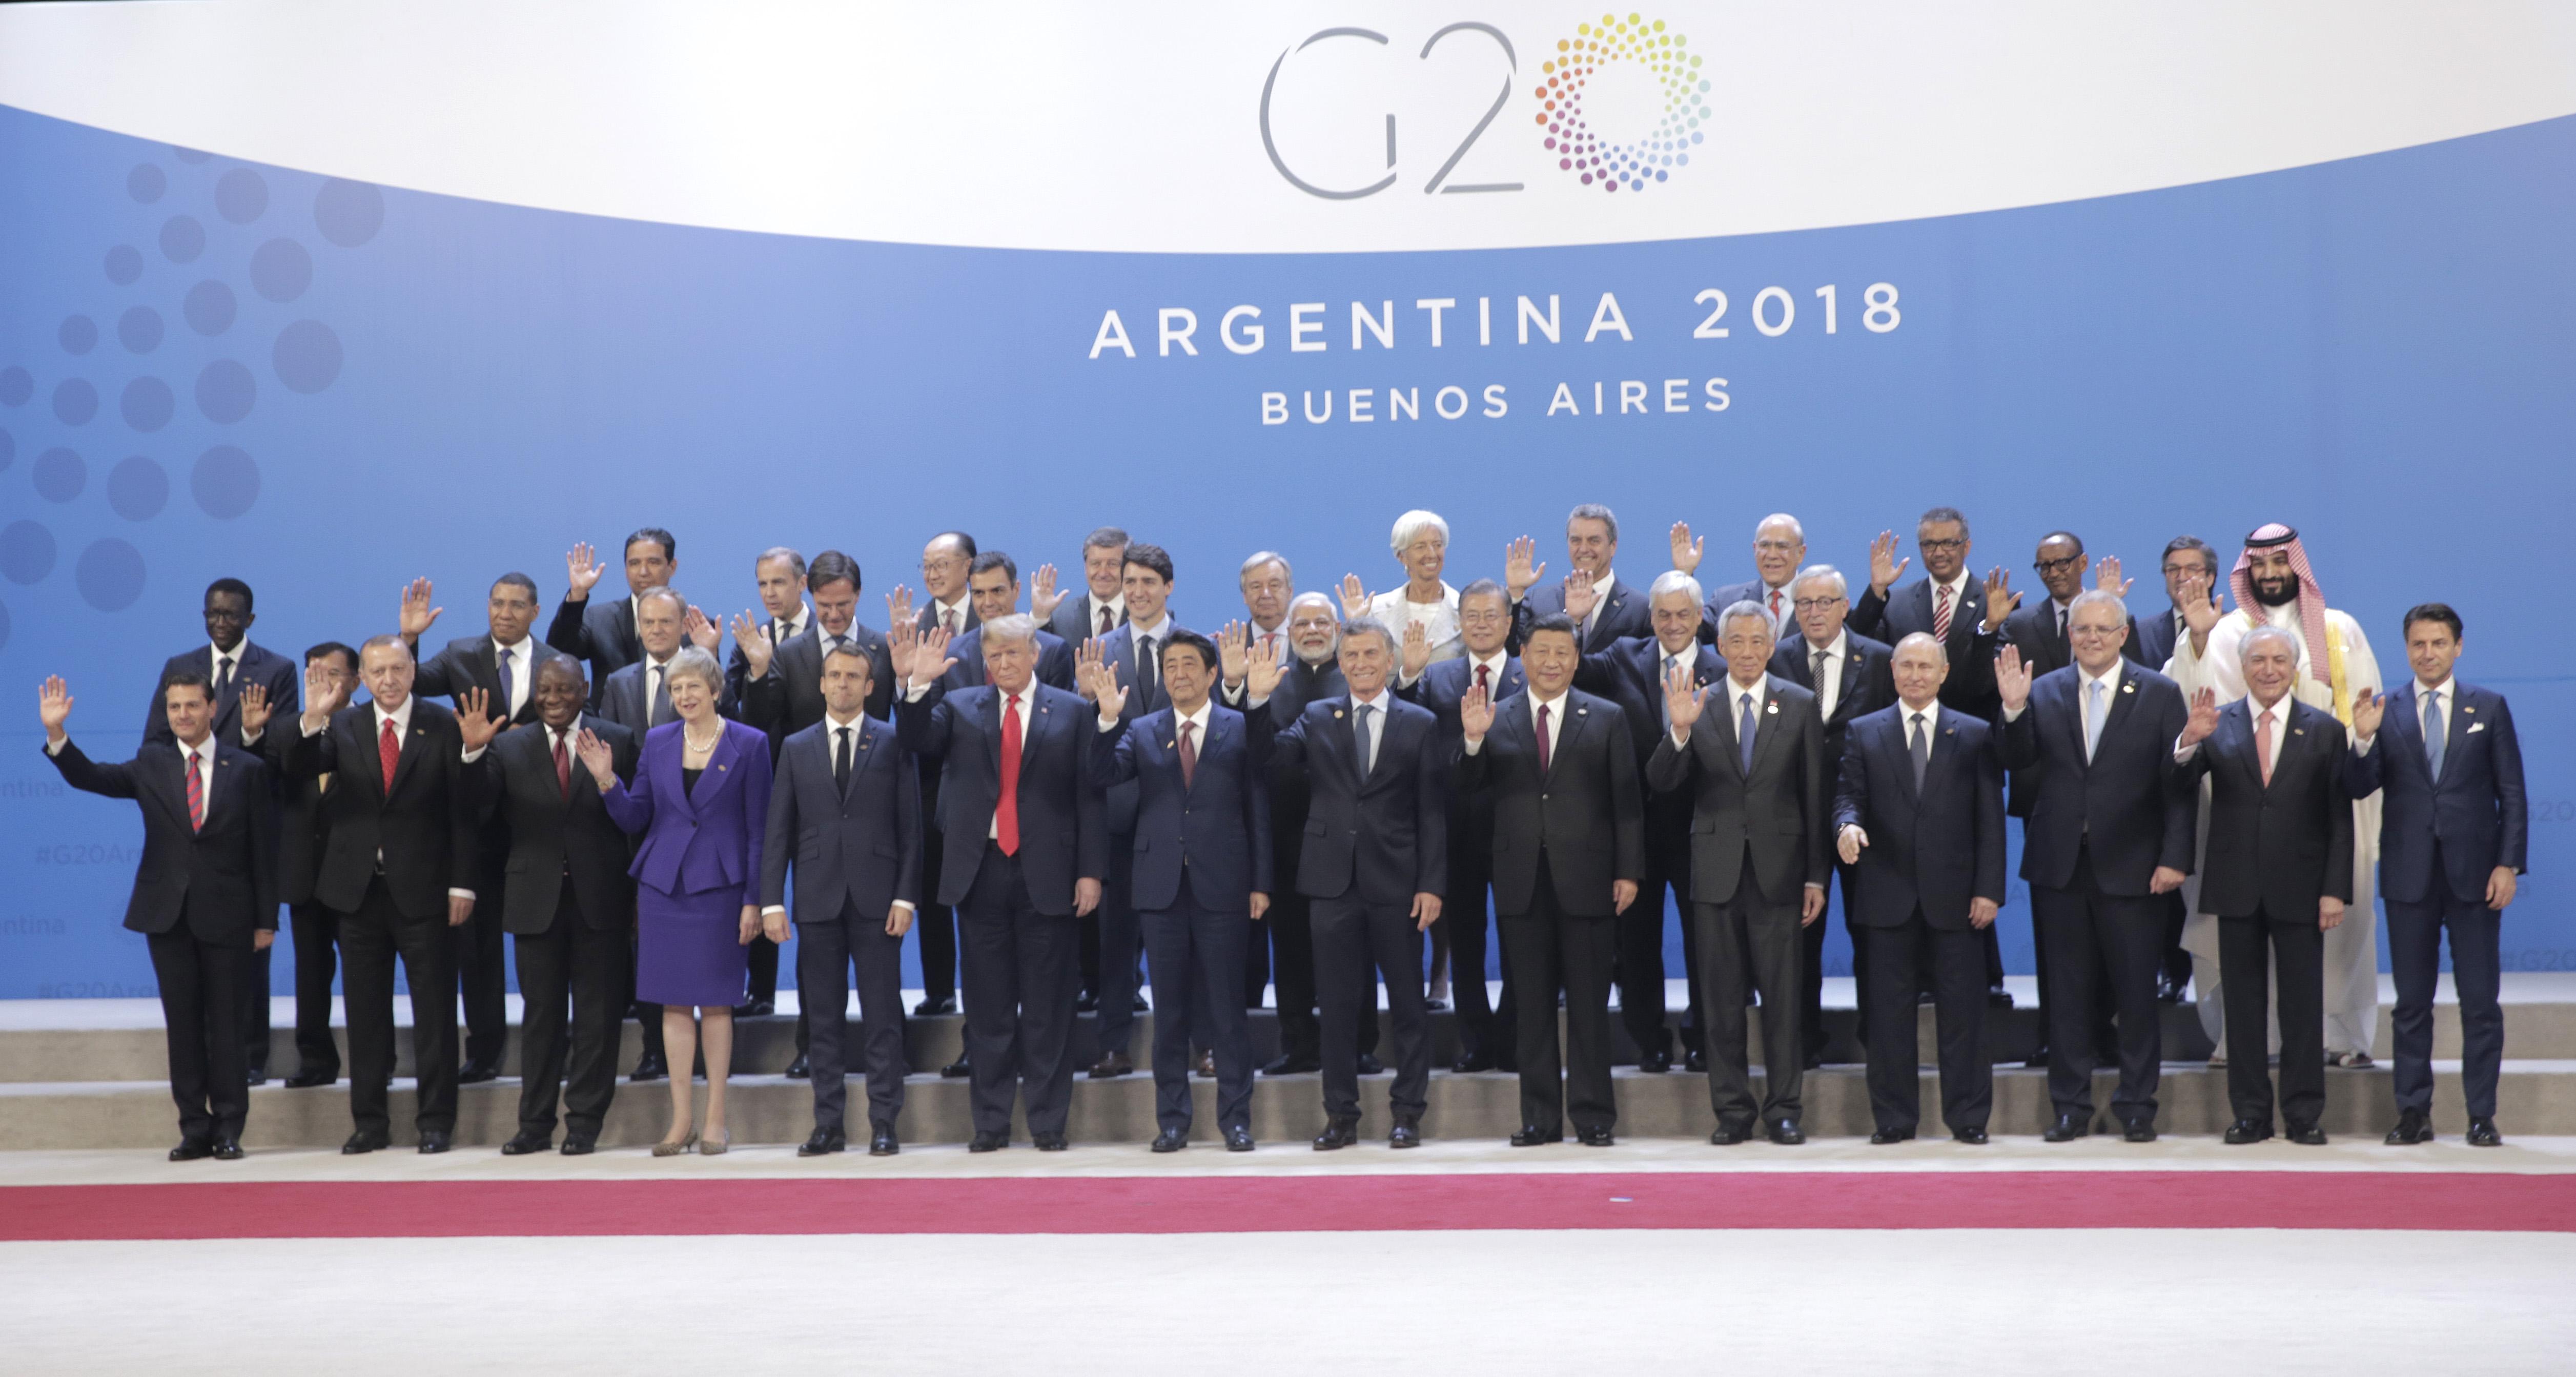 G20峰會開幕 特朗普動向和領袖公報成焦點